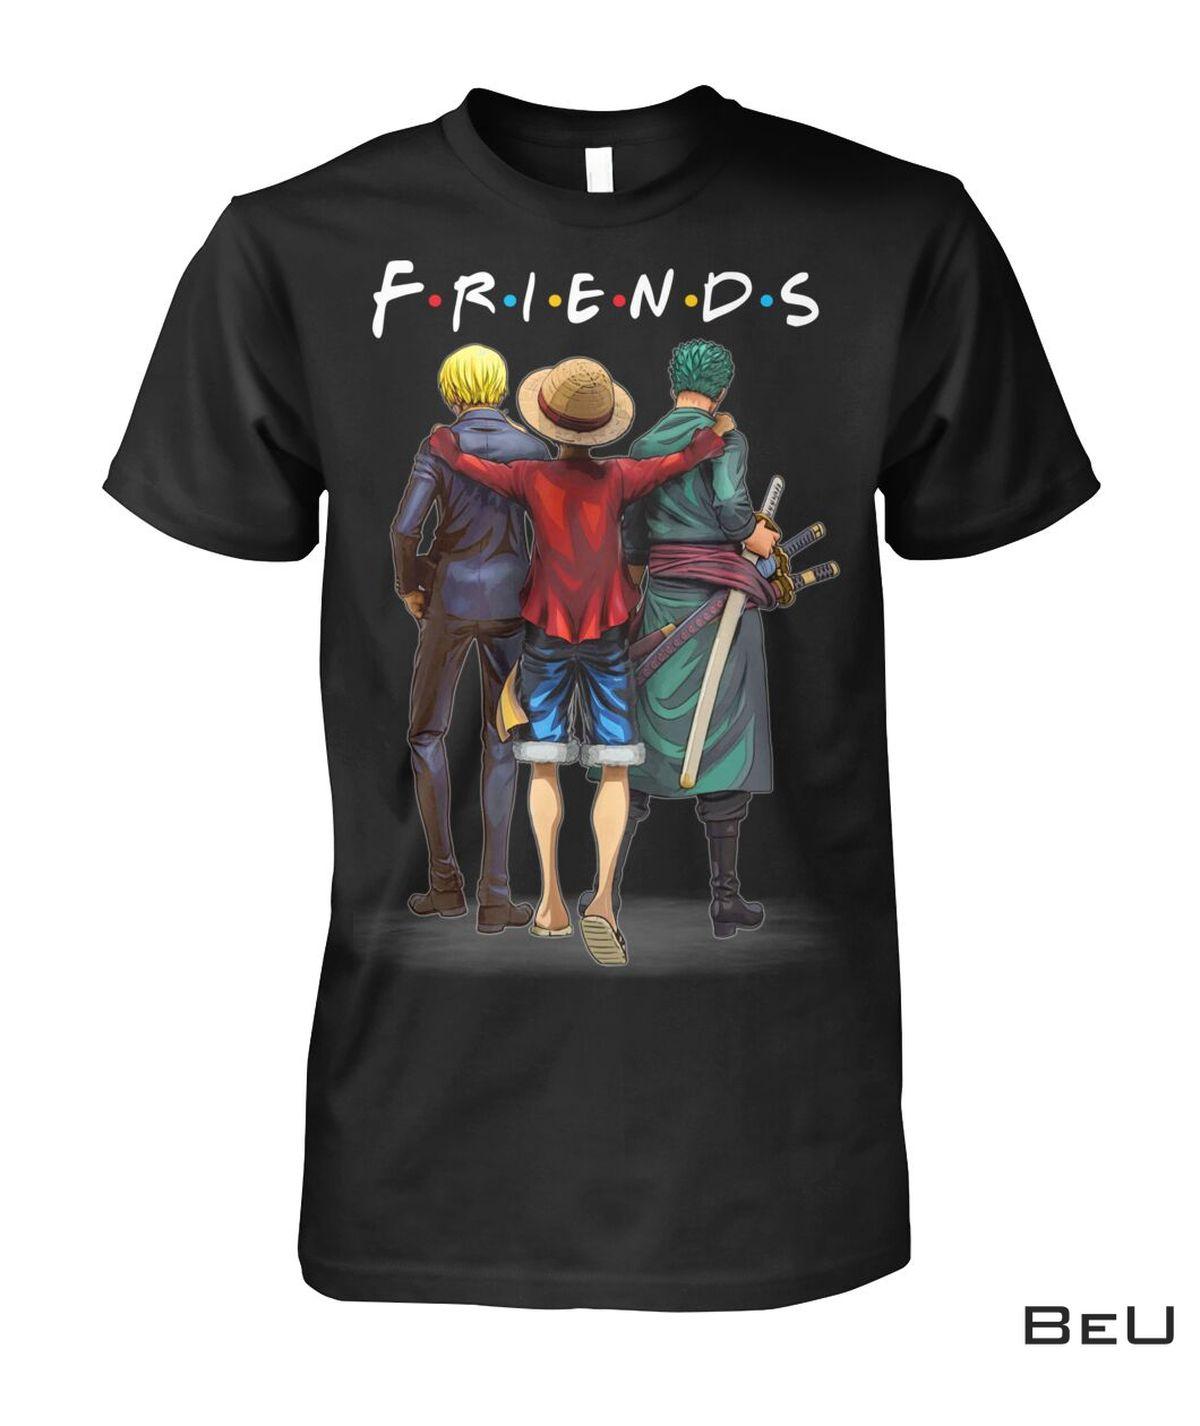 One Piece Monkey D. Luffy Roronoa Zoro And Sanji Friends Shirt